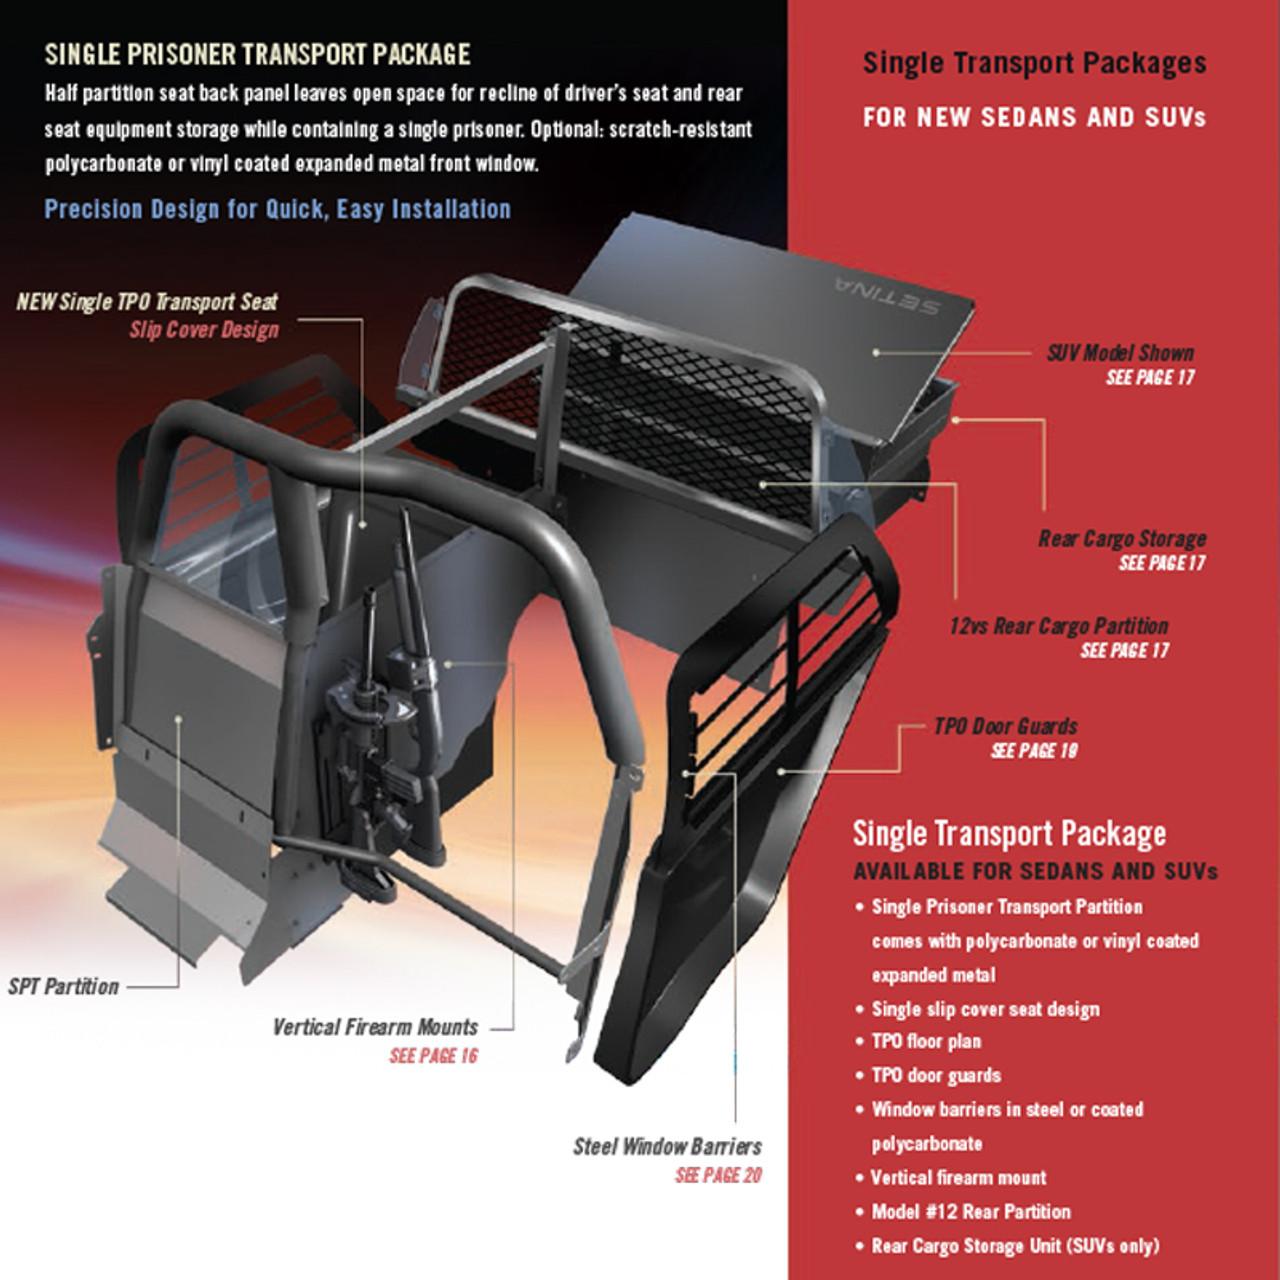 Setina Ford Police Interceptor Utility SUV (Explorer) 2013-2019 & 2020 Single Prisoner Total Transport Solution System